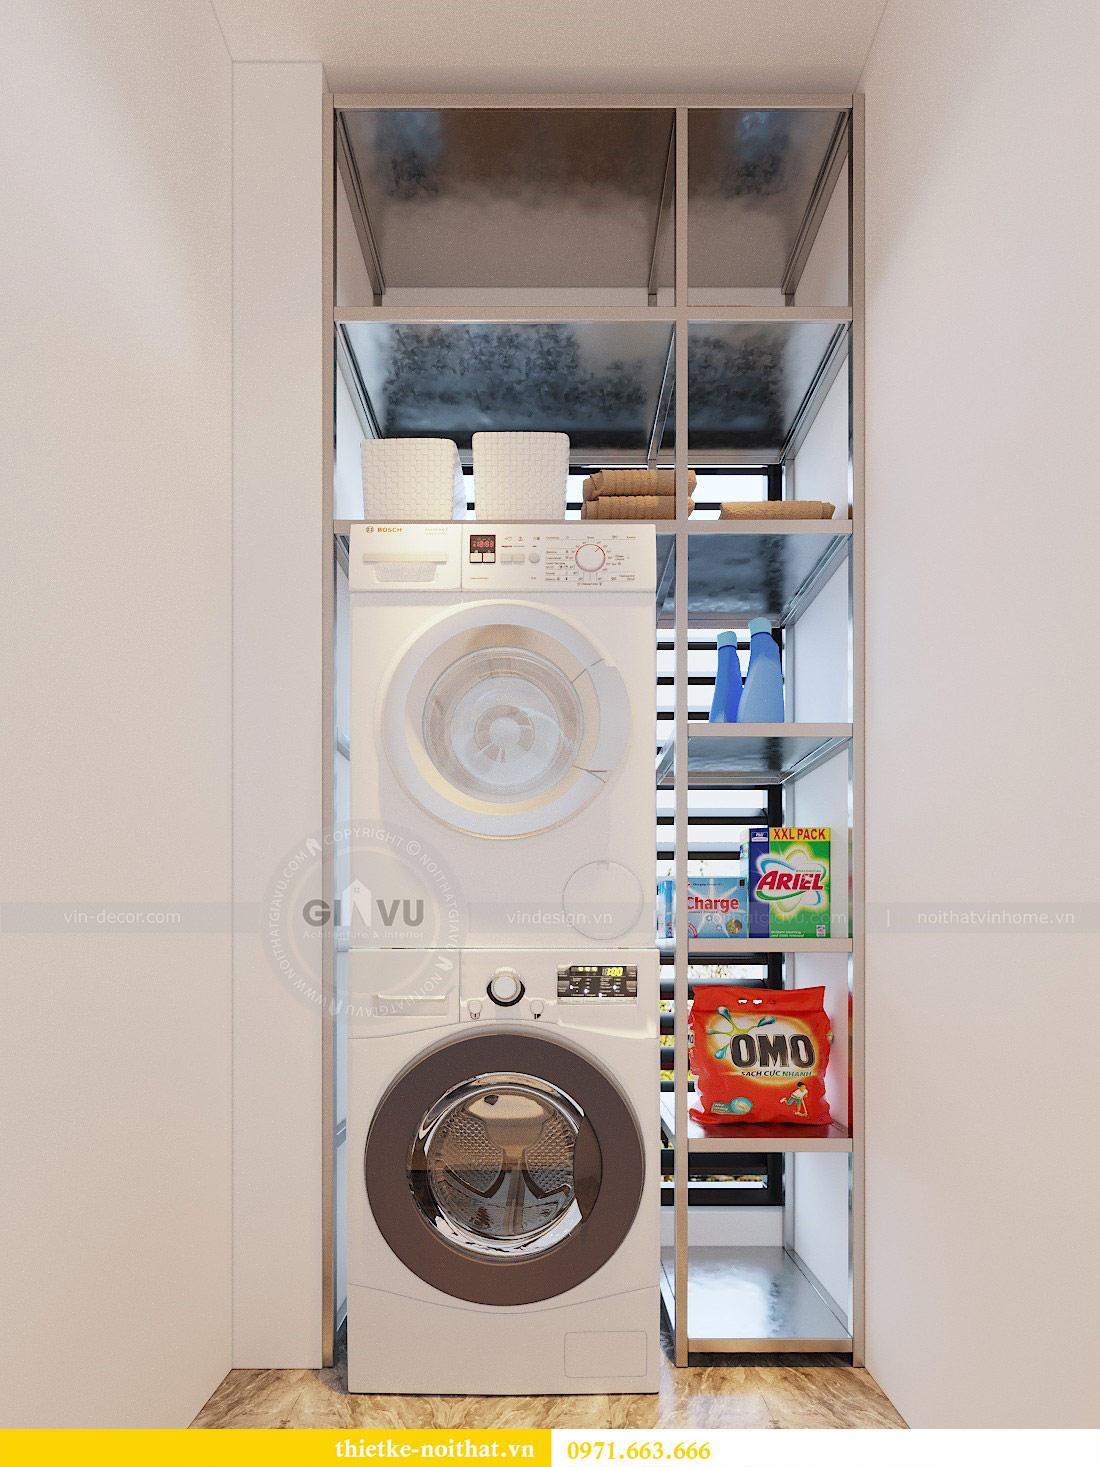 Thiết kế nội thất chung cư 74m2 tòa M3 căn 01 Vinhomes Metropolis 4